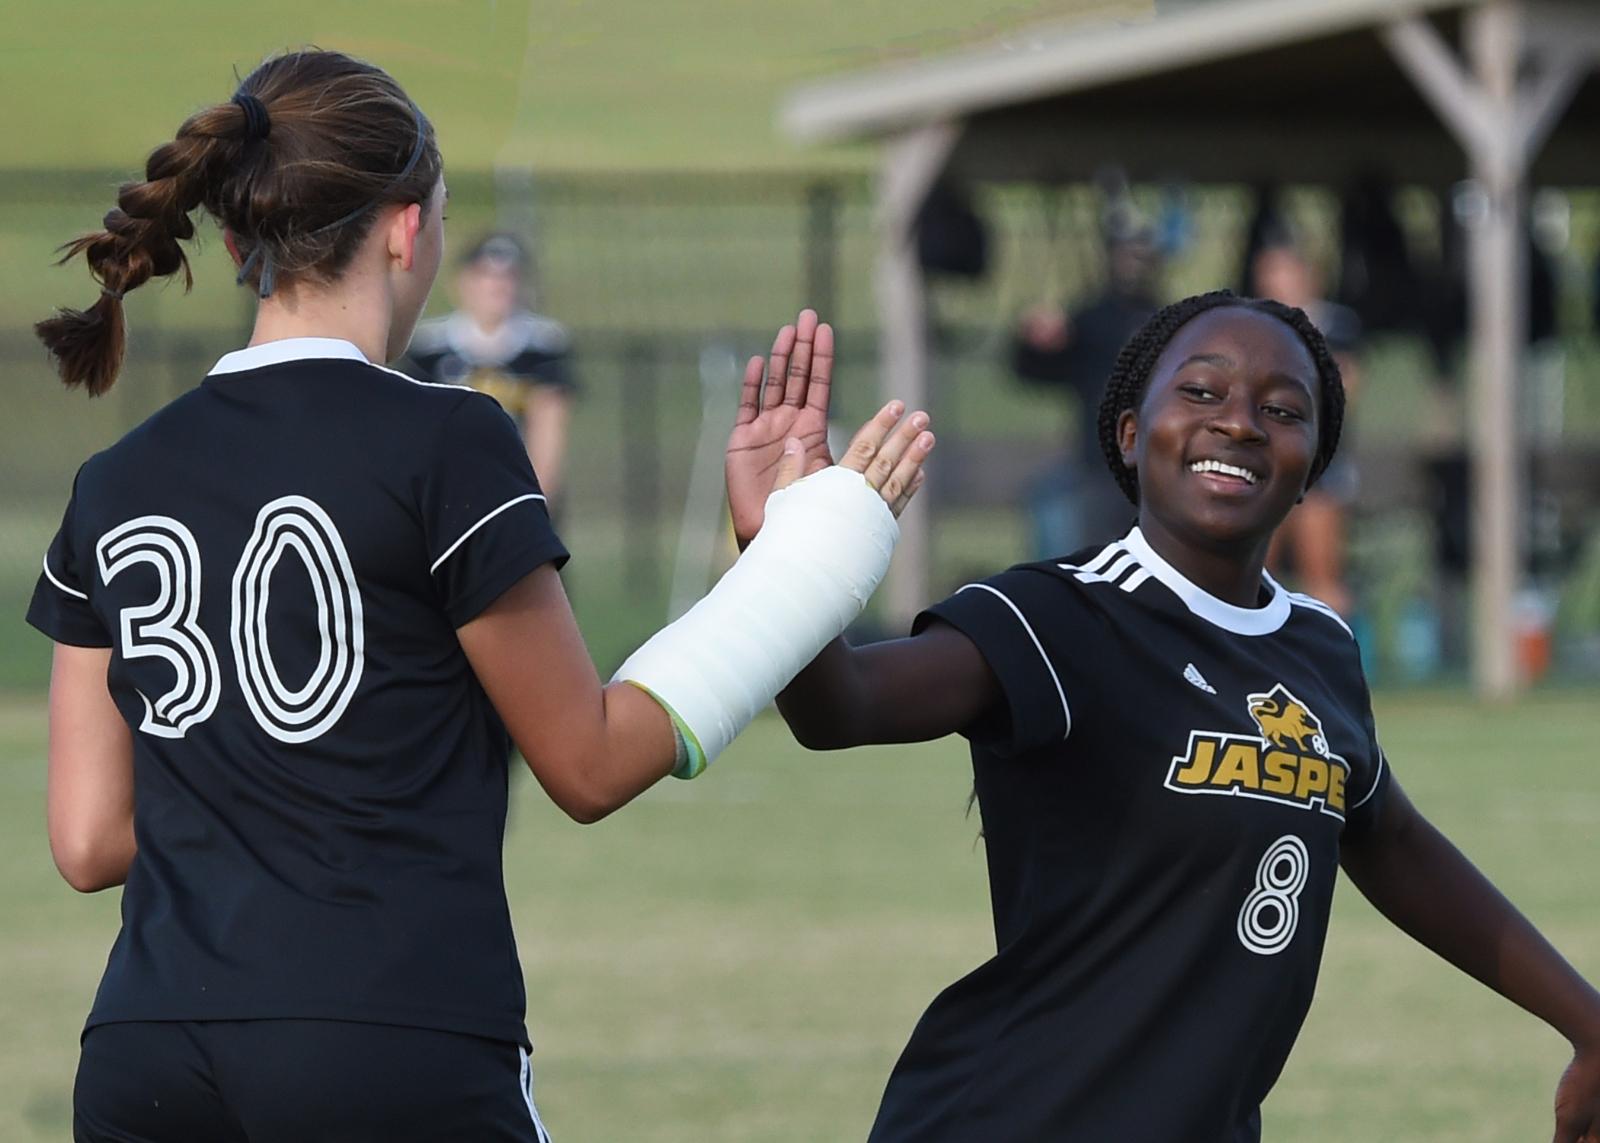 Soccer – Jasper vs EV Bosse (V-Girls)